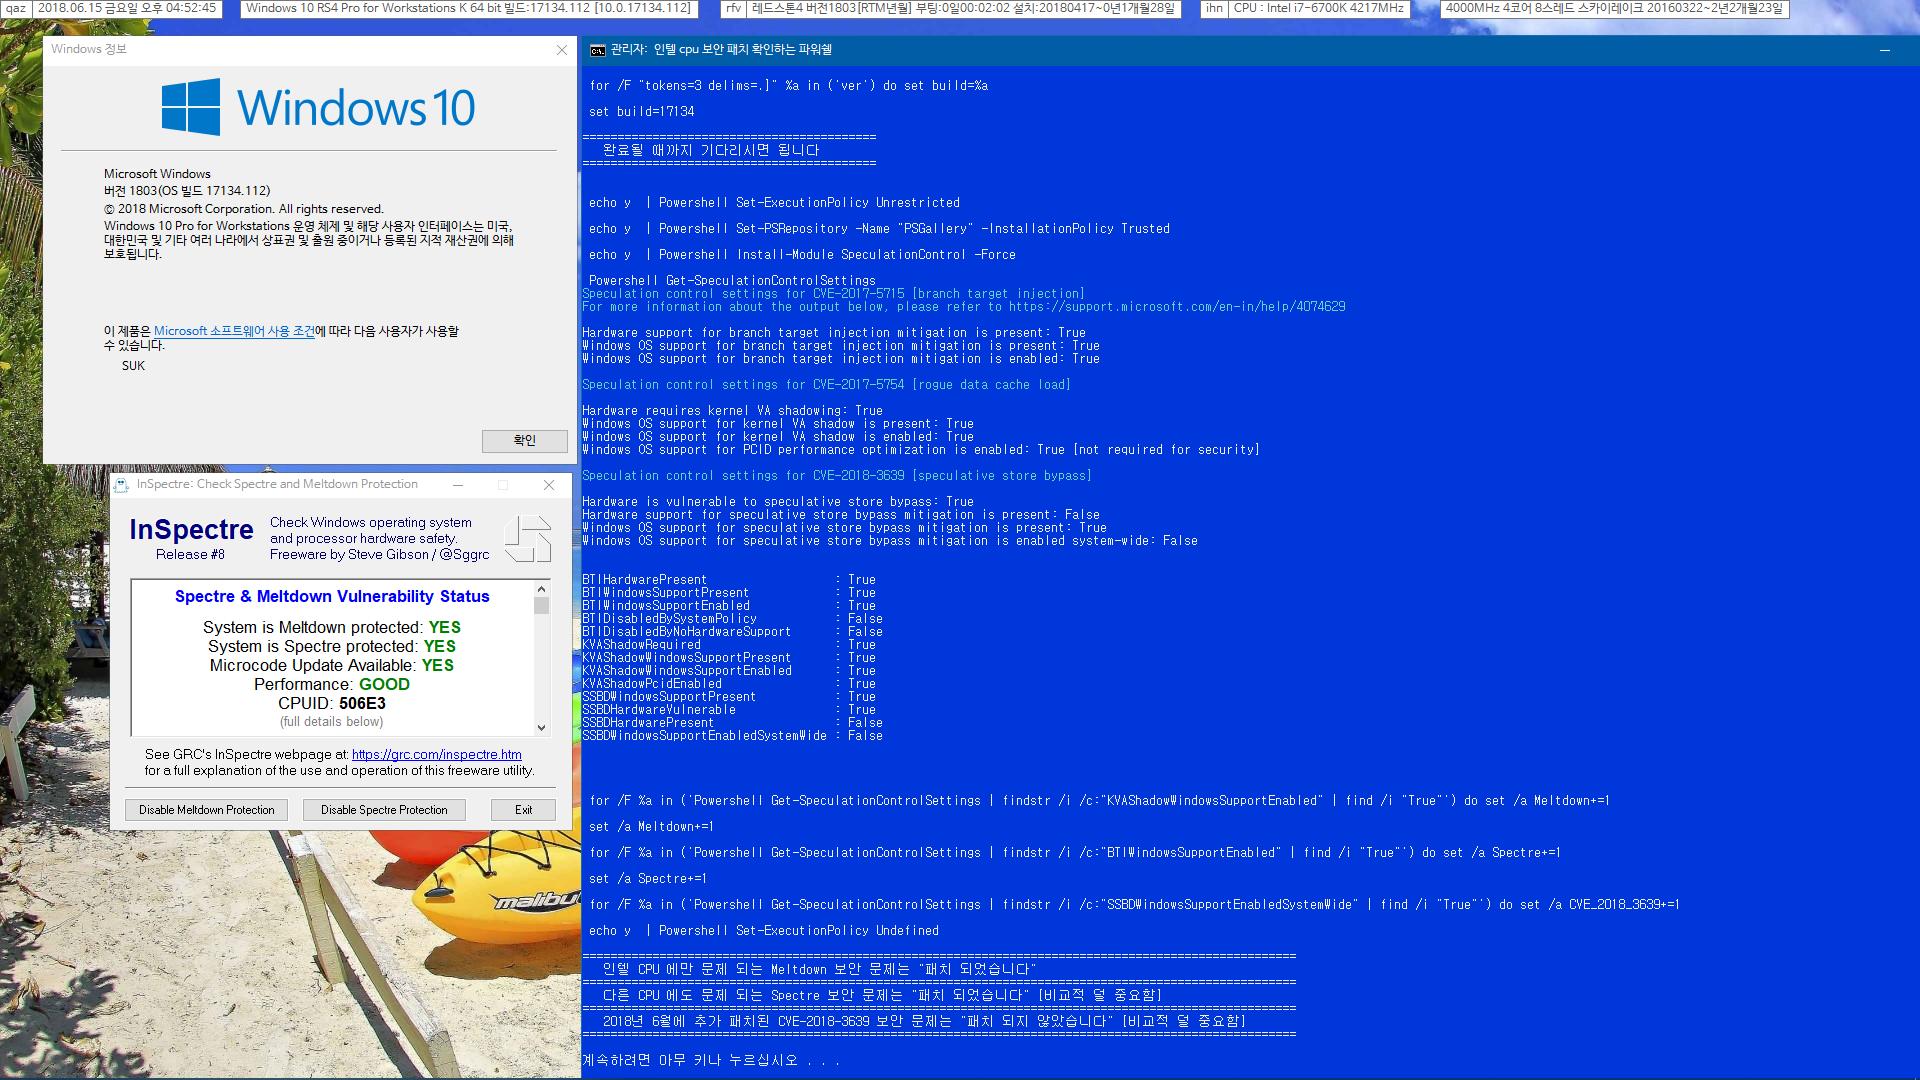 2018년 6월 정기 업데이트에 모든 윈도에 추가 패치 된 인텔 cpu 보안 버그 CVE-2018-3639 패치 여부는 기존의 파워쉘 bat 으로 확인이 가능하네요 - 윈도 업데이트에 패치가 되어 있지만 기본  비활성 상태입니다 - 윈도10 버전1803 레드스톤4 17134.112빌드로 테스트해봅니다 - 똑같네요 2018-06-15_165245.png